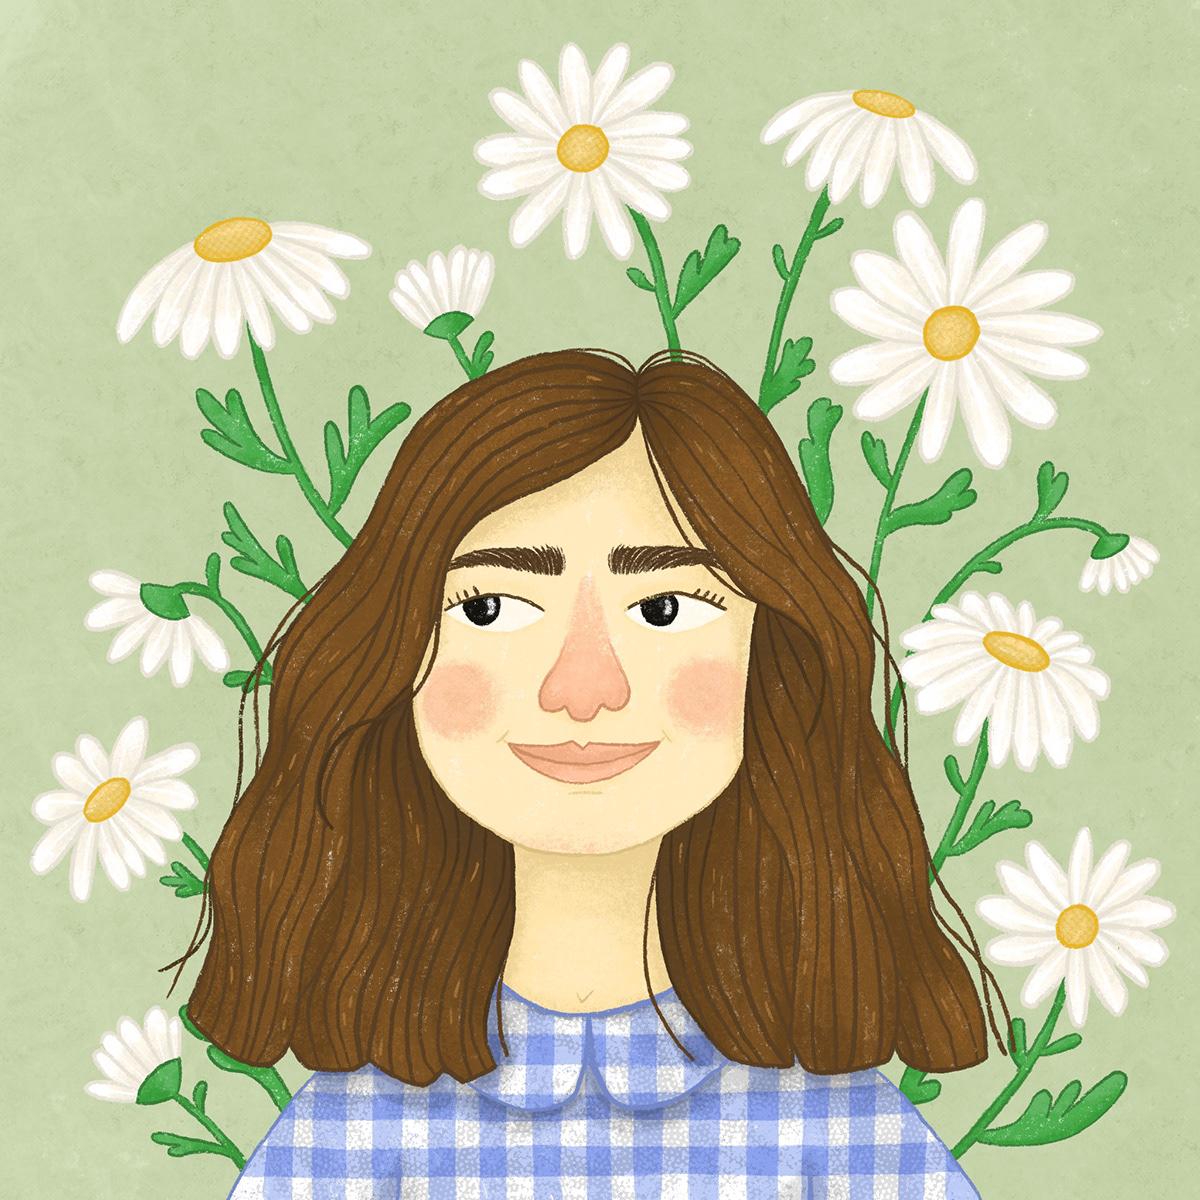 avatar cute Flowers girl ILLUSTRATION  Nature plants portrait self portrait